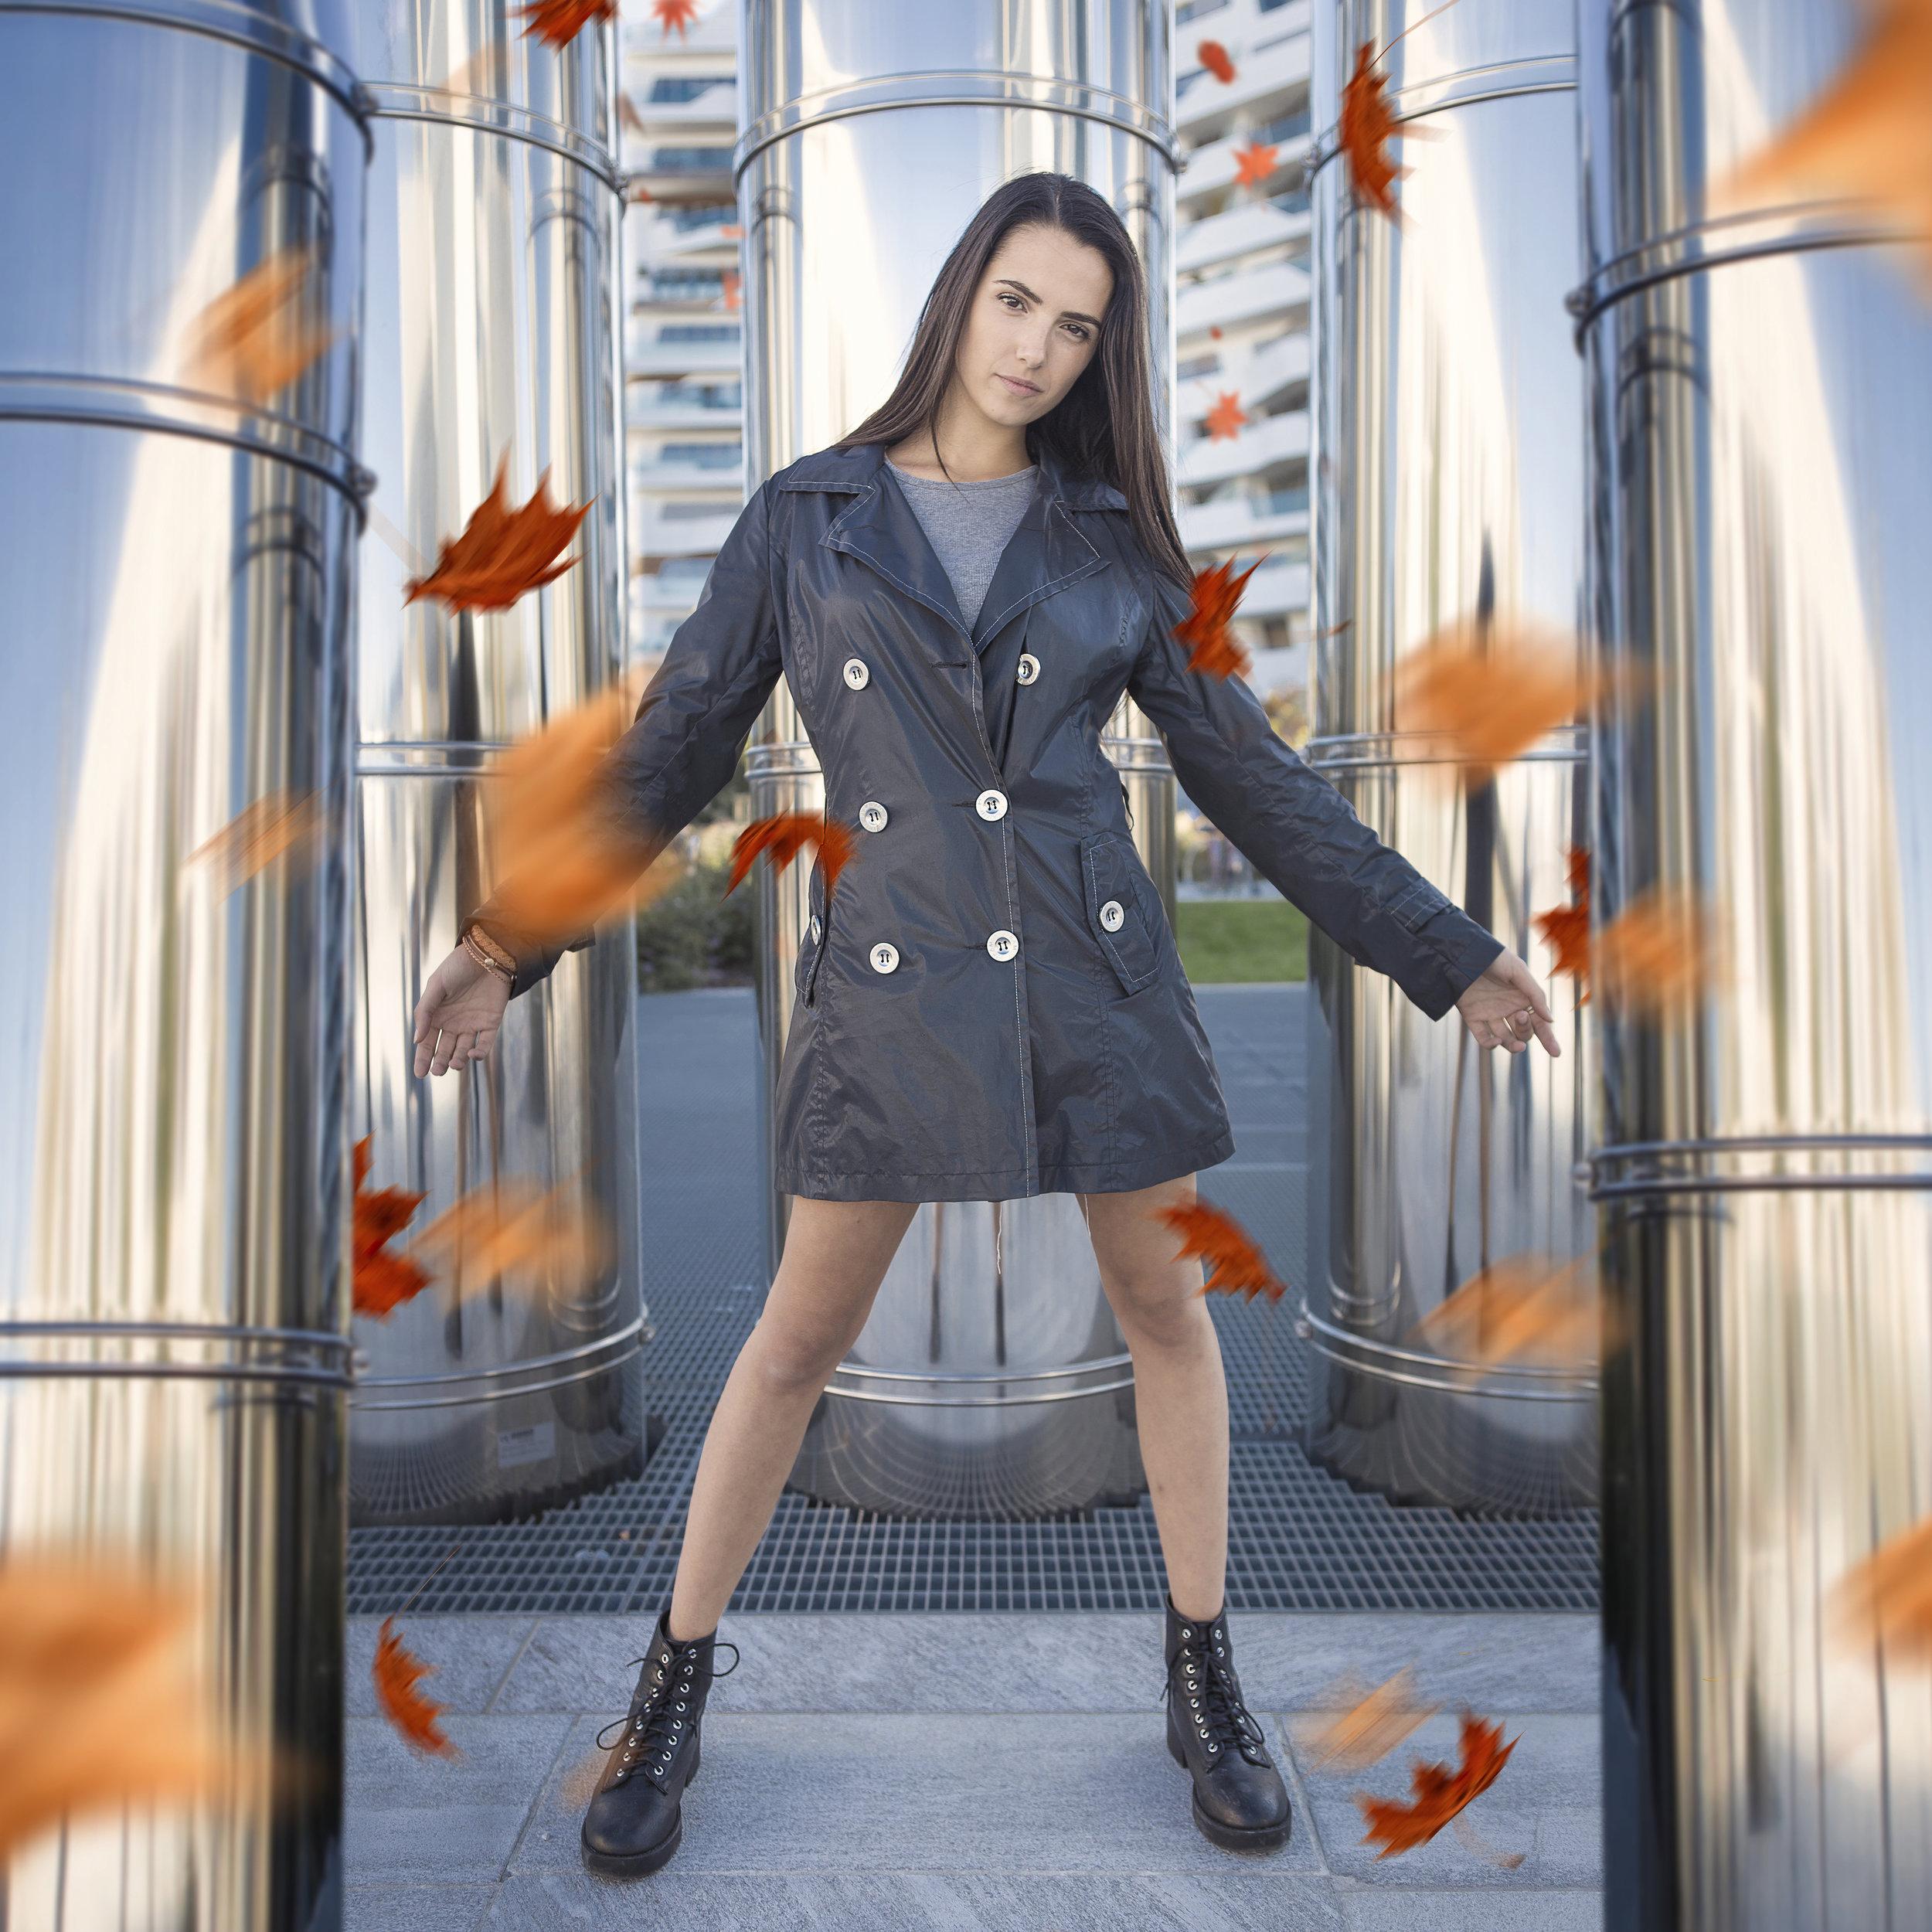 ritratto fashion foto milano modella fotografo